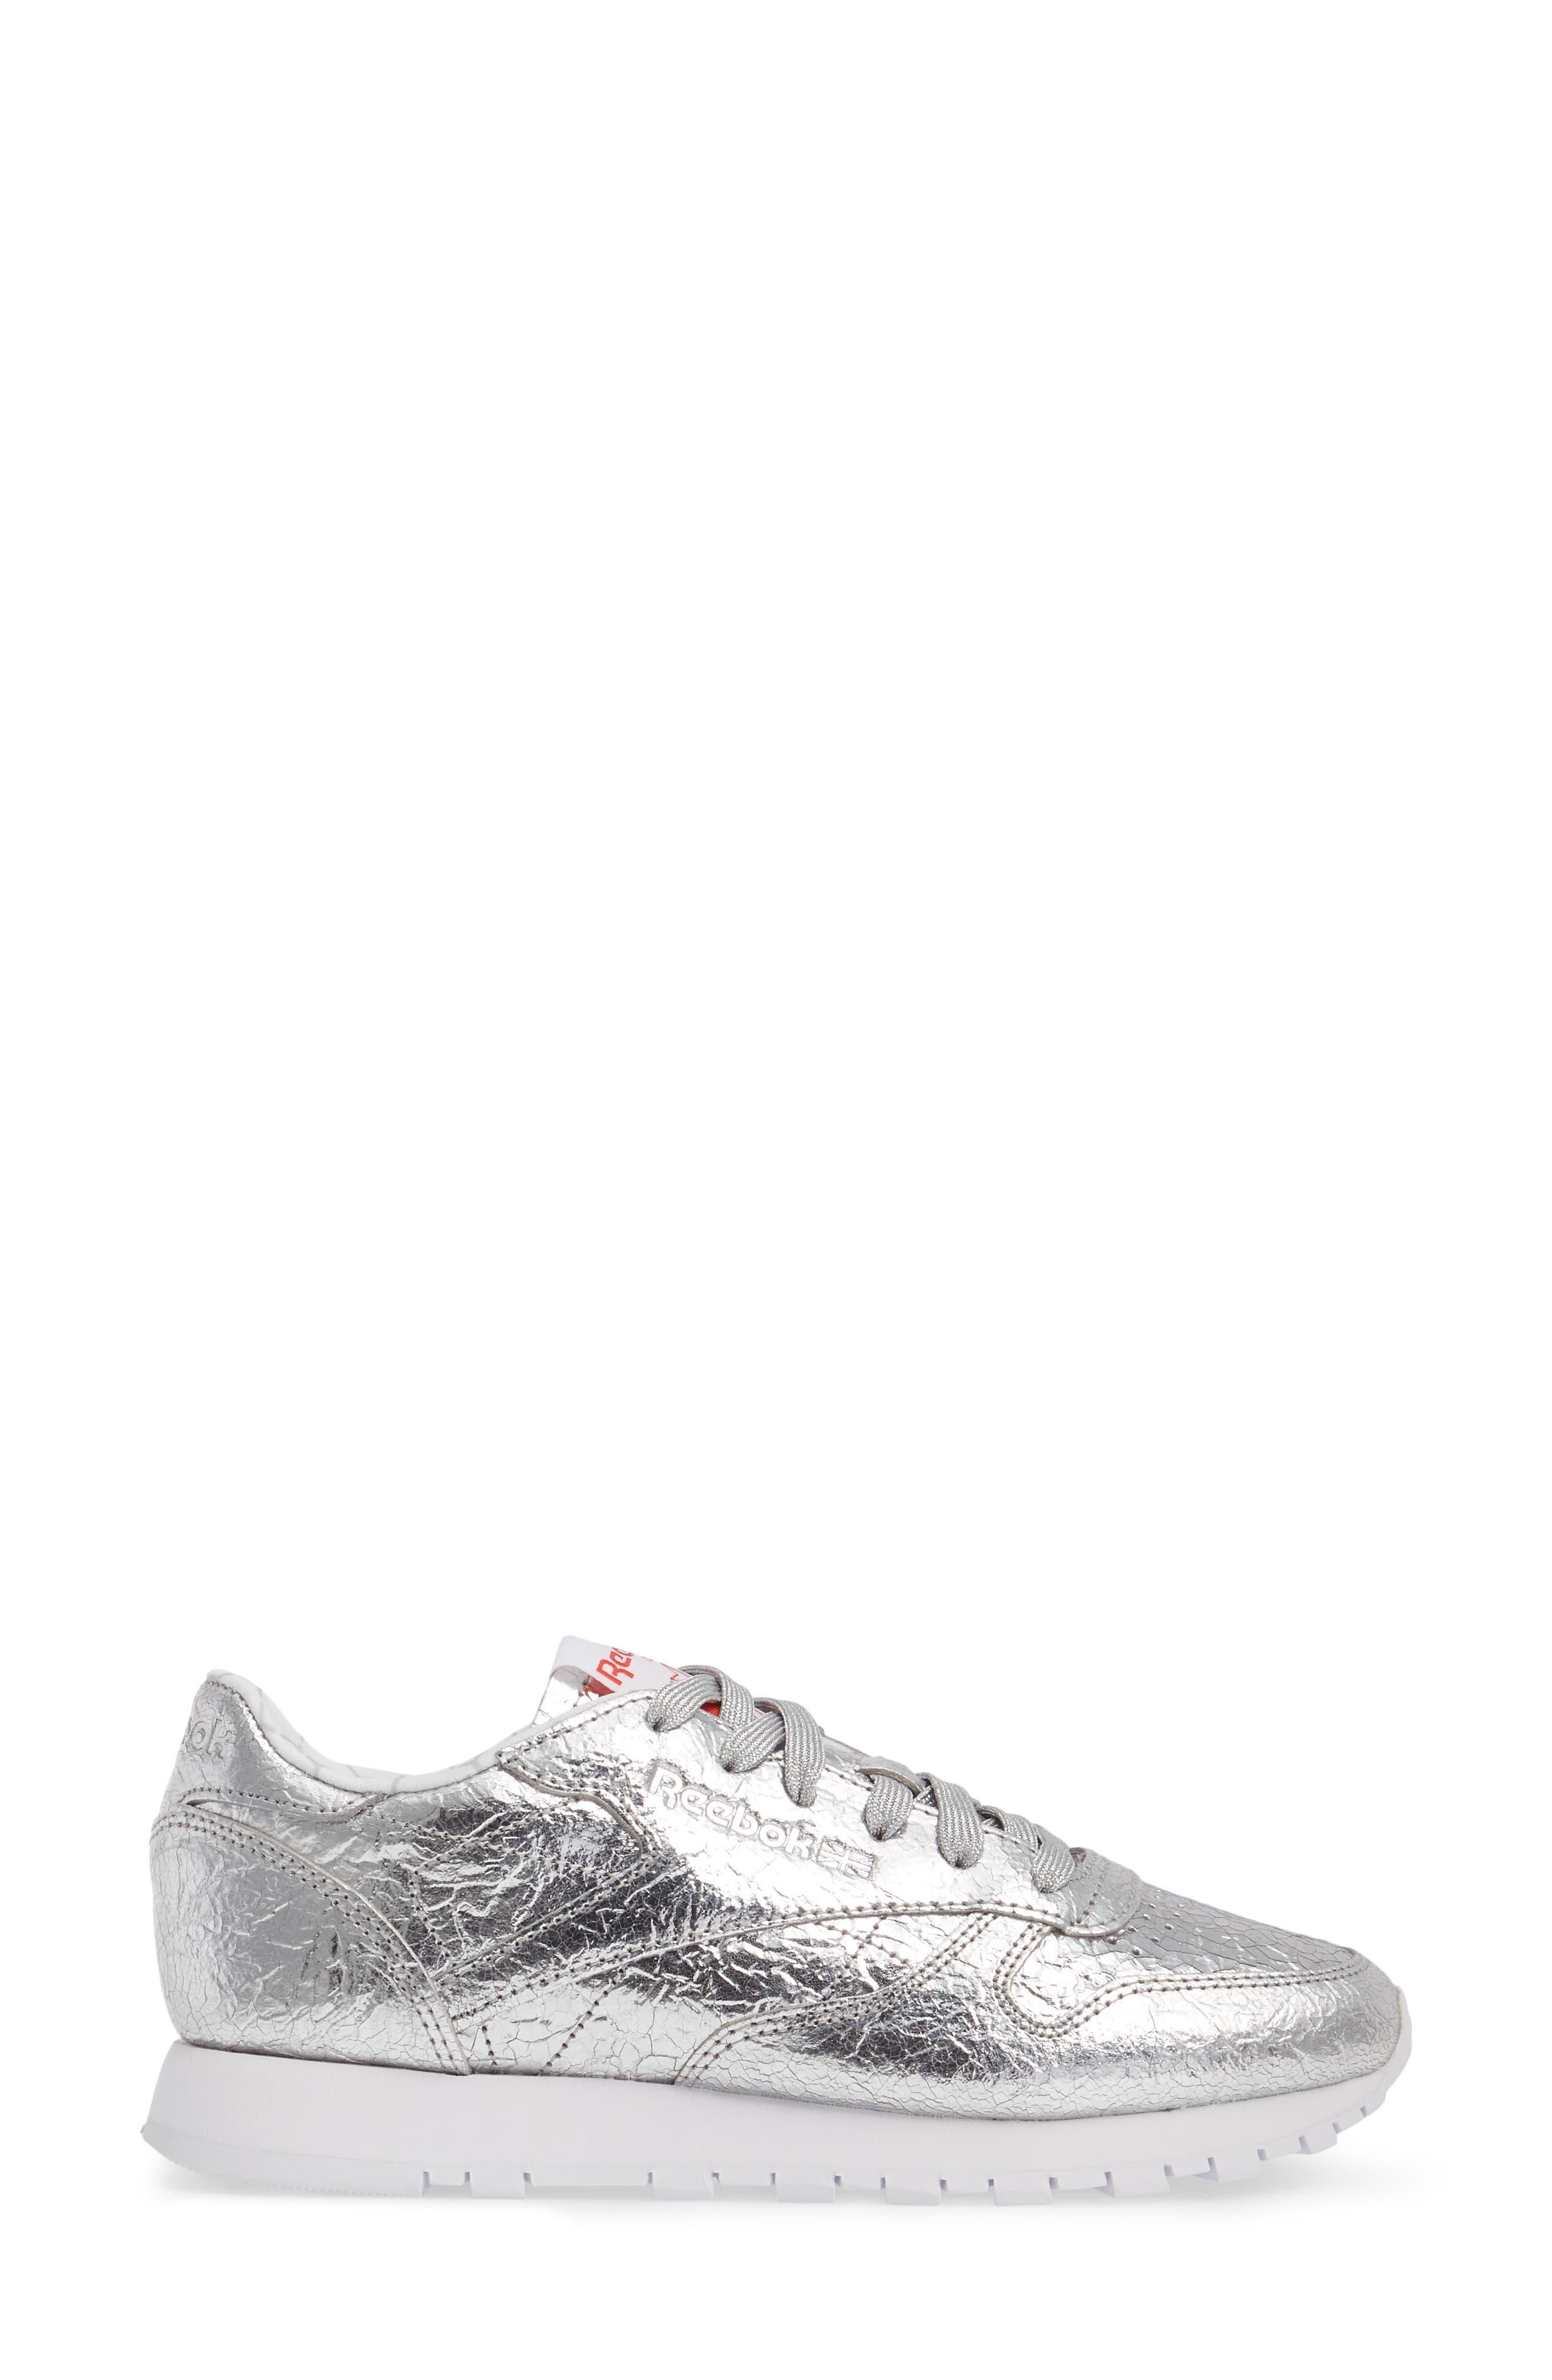 Alternate Image 3  - Reebok Classic Leather HD Foil Sneaker (Women)